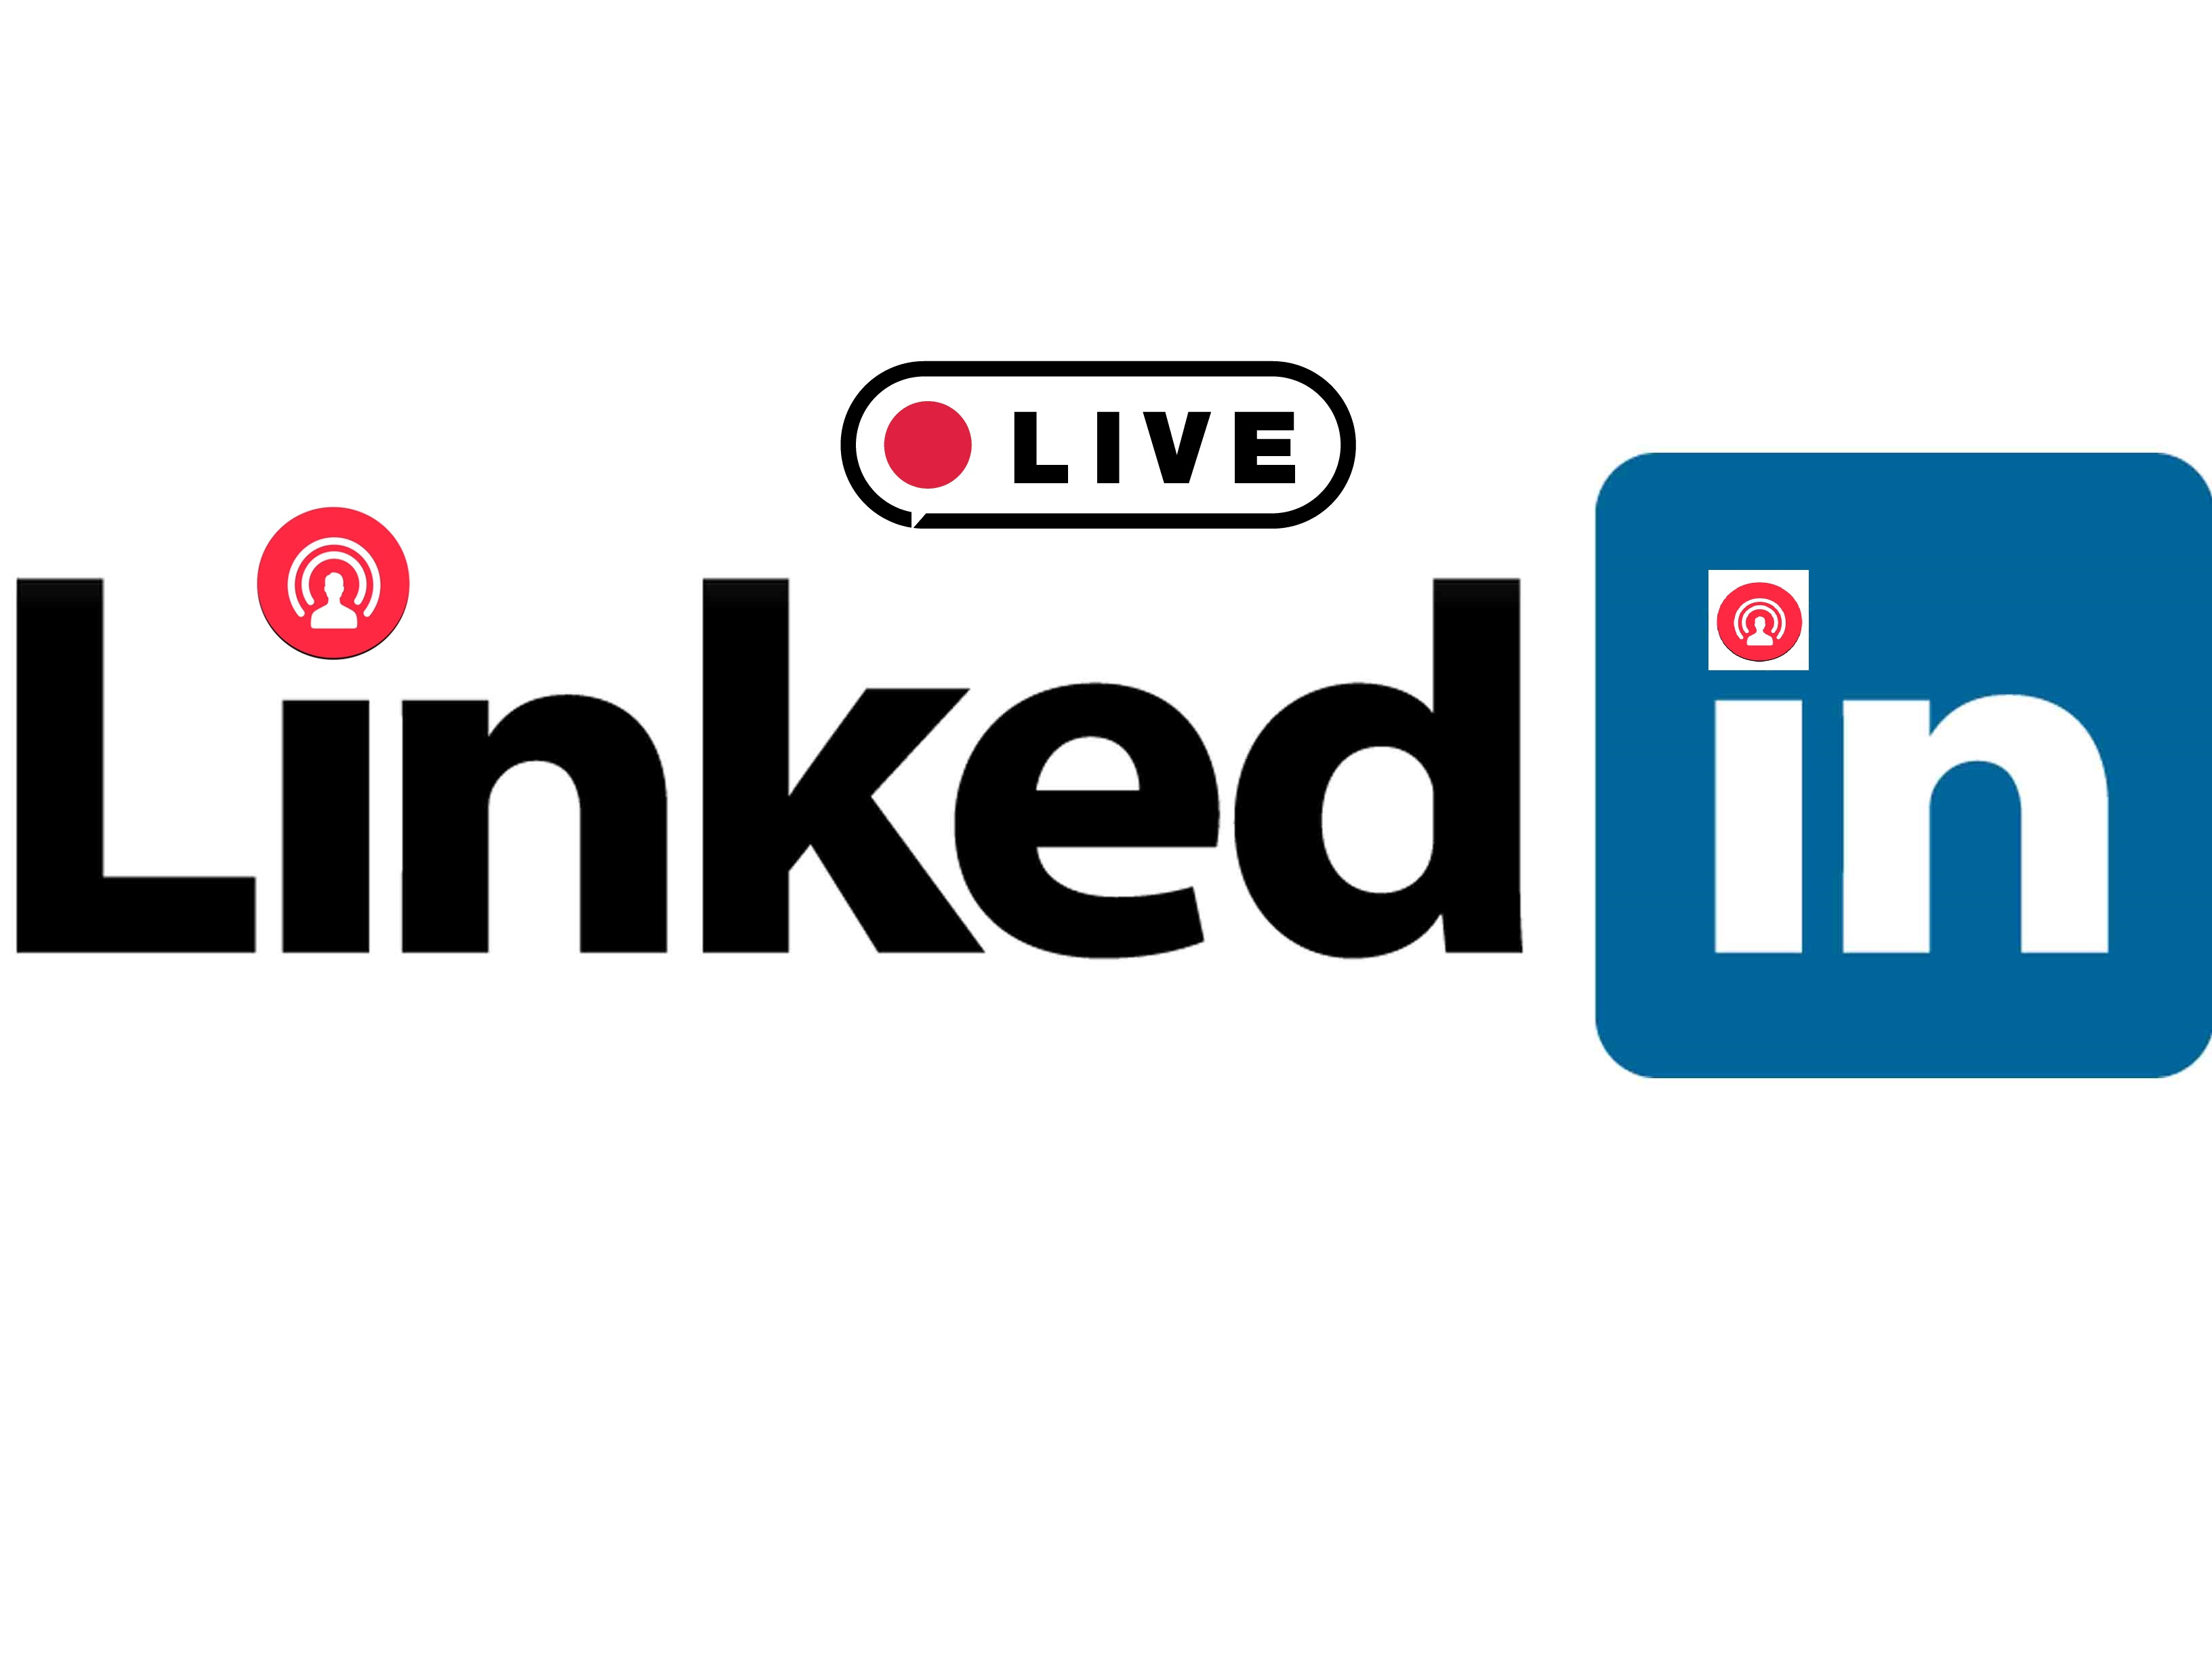 LinkedIn presenta LinkedIn Live, un nuevo servicio de transmisión de video en vivo